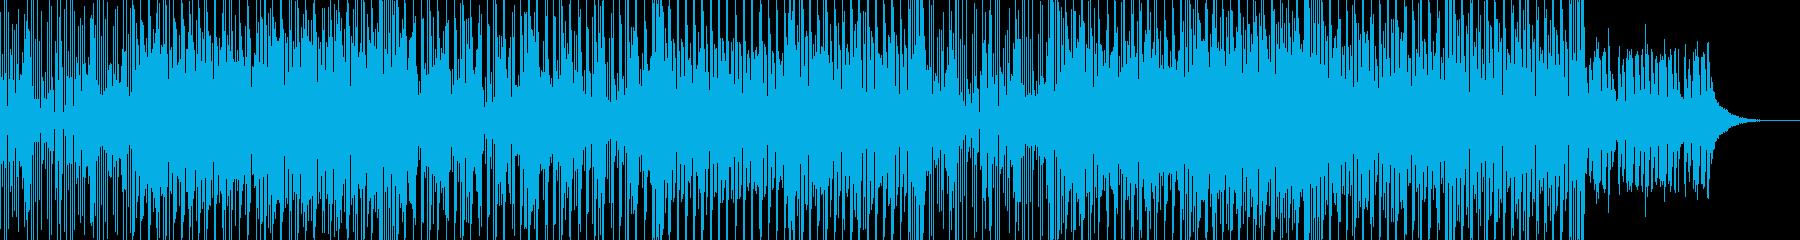 軽快なリズムと切ないメロディが印象的の再生済みの波形